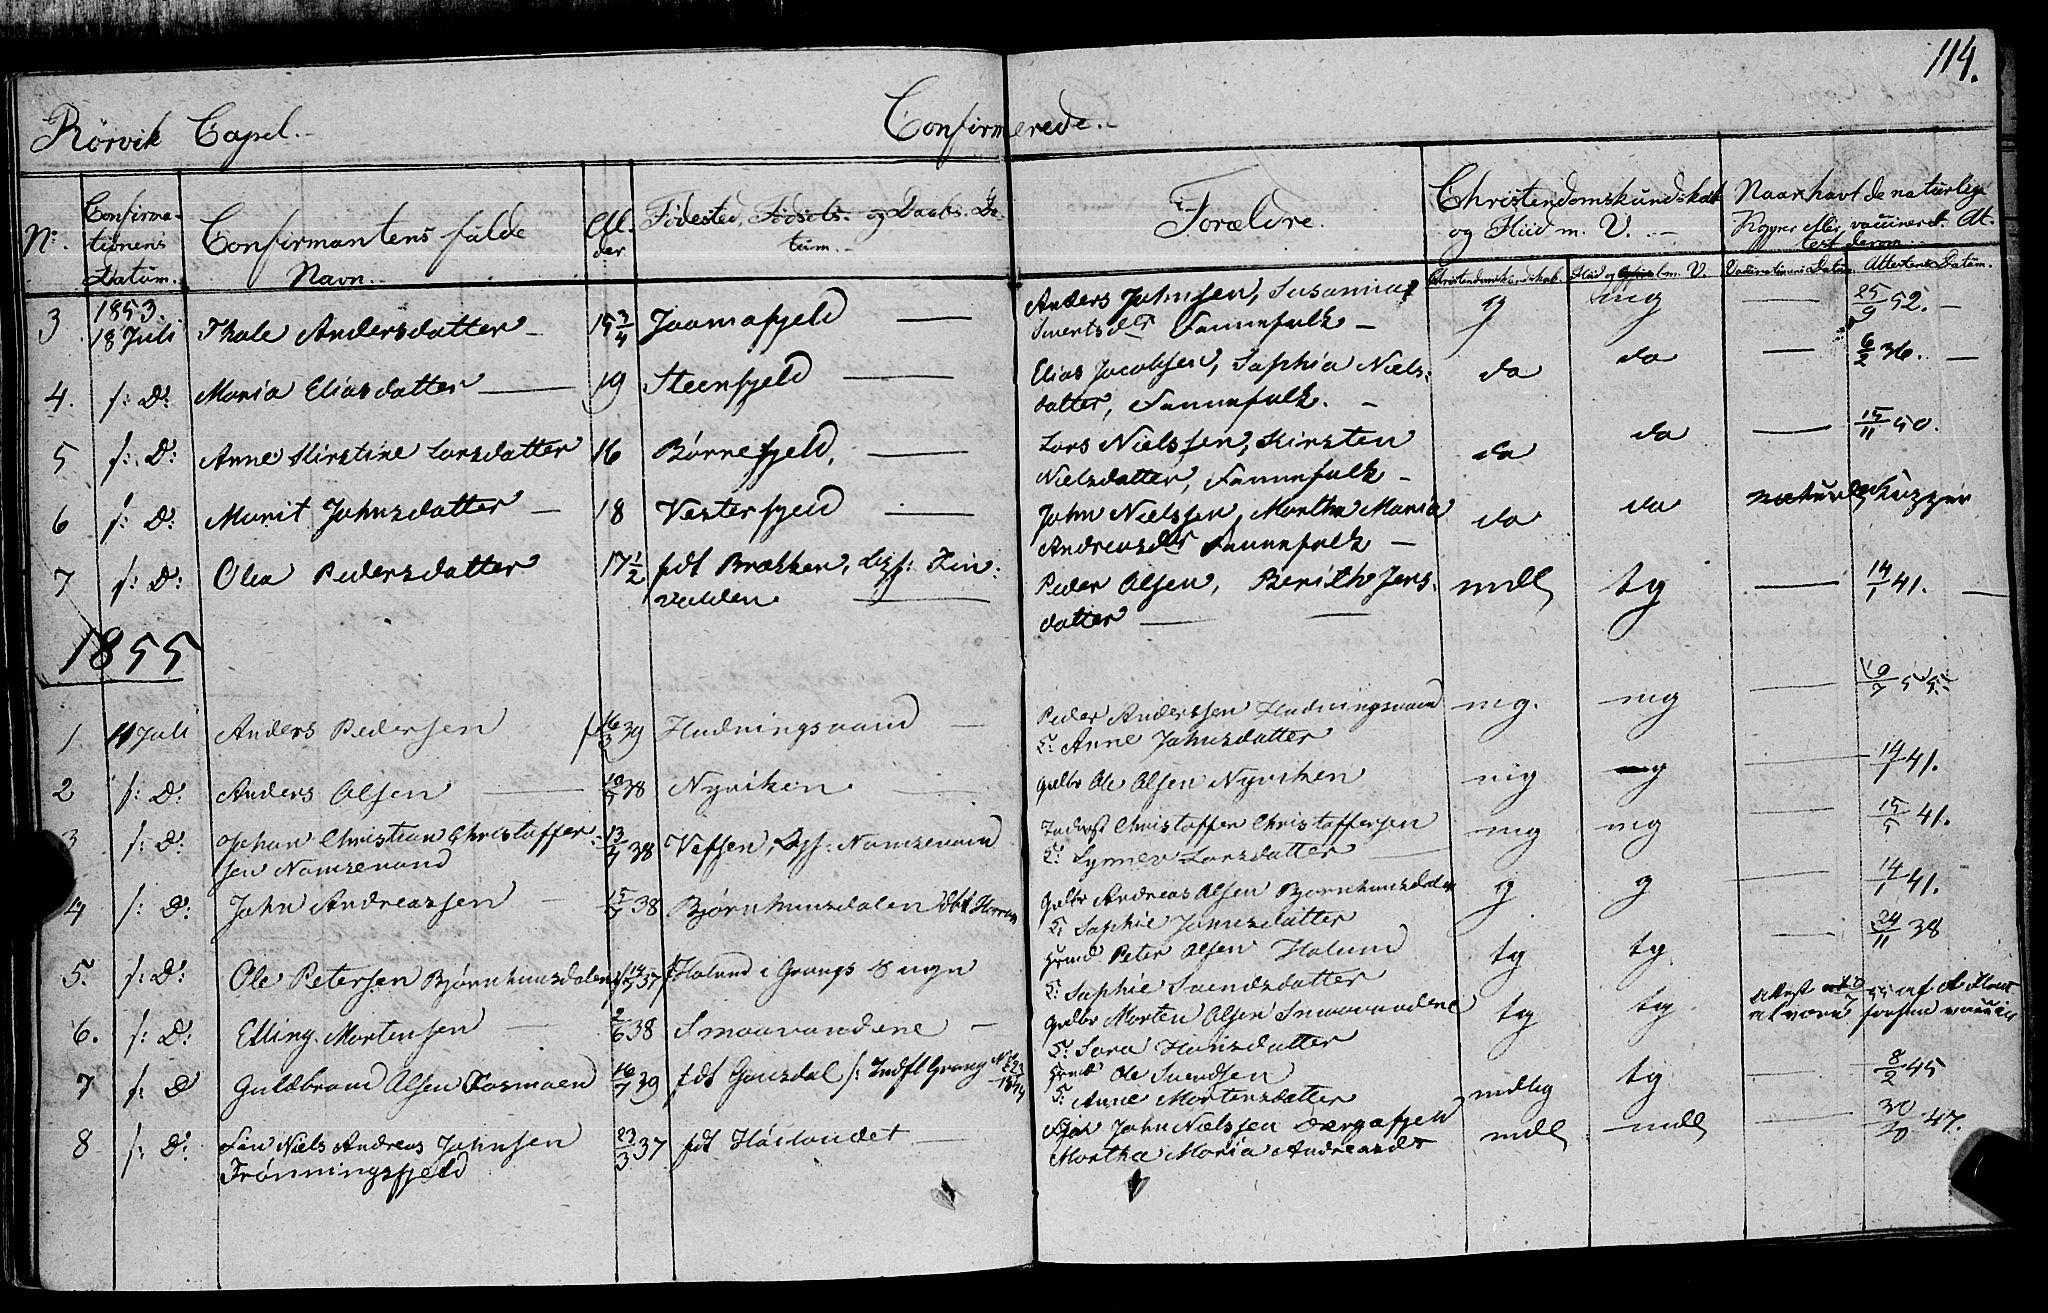 SAT, Ministerialprotokoller, klokkerbøker og fødselsregistre - Nord-Trøndelag, 762/L0538: Ministerialbok nr. 762A02 /1, 1833-1879, s. 114